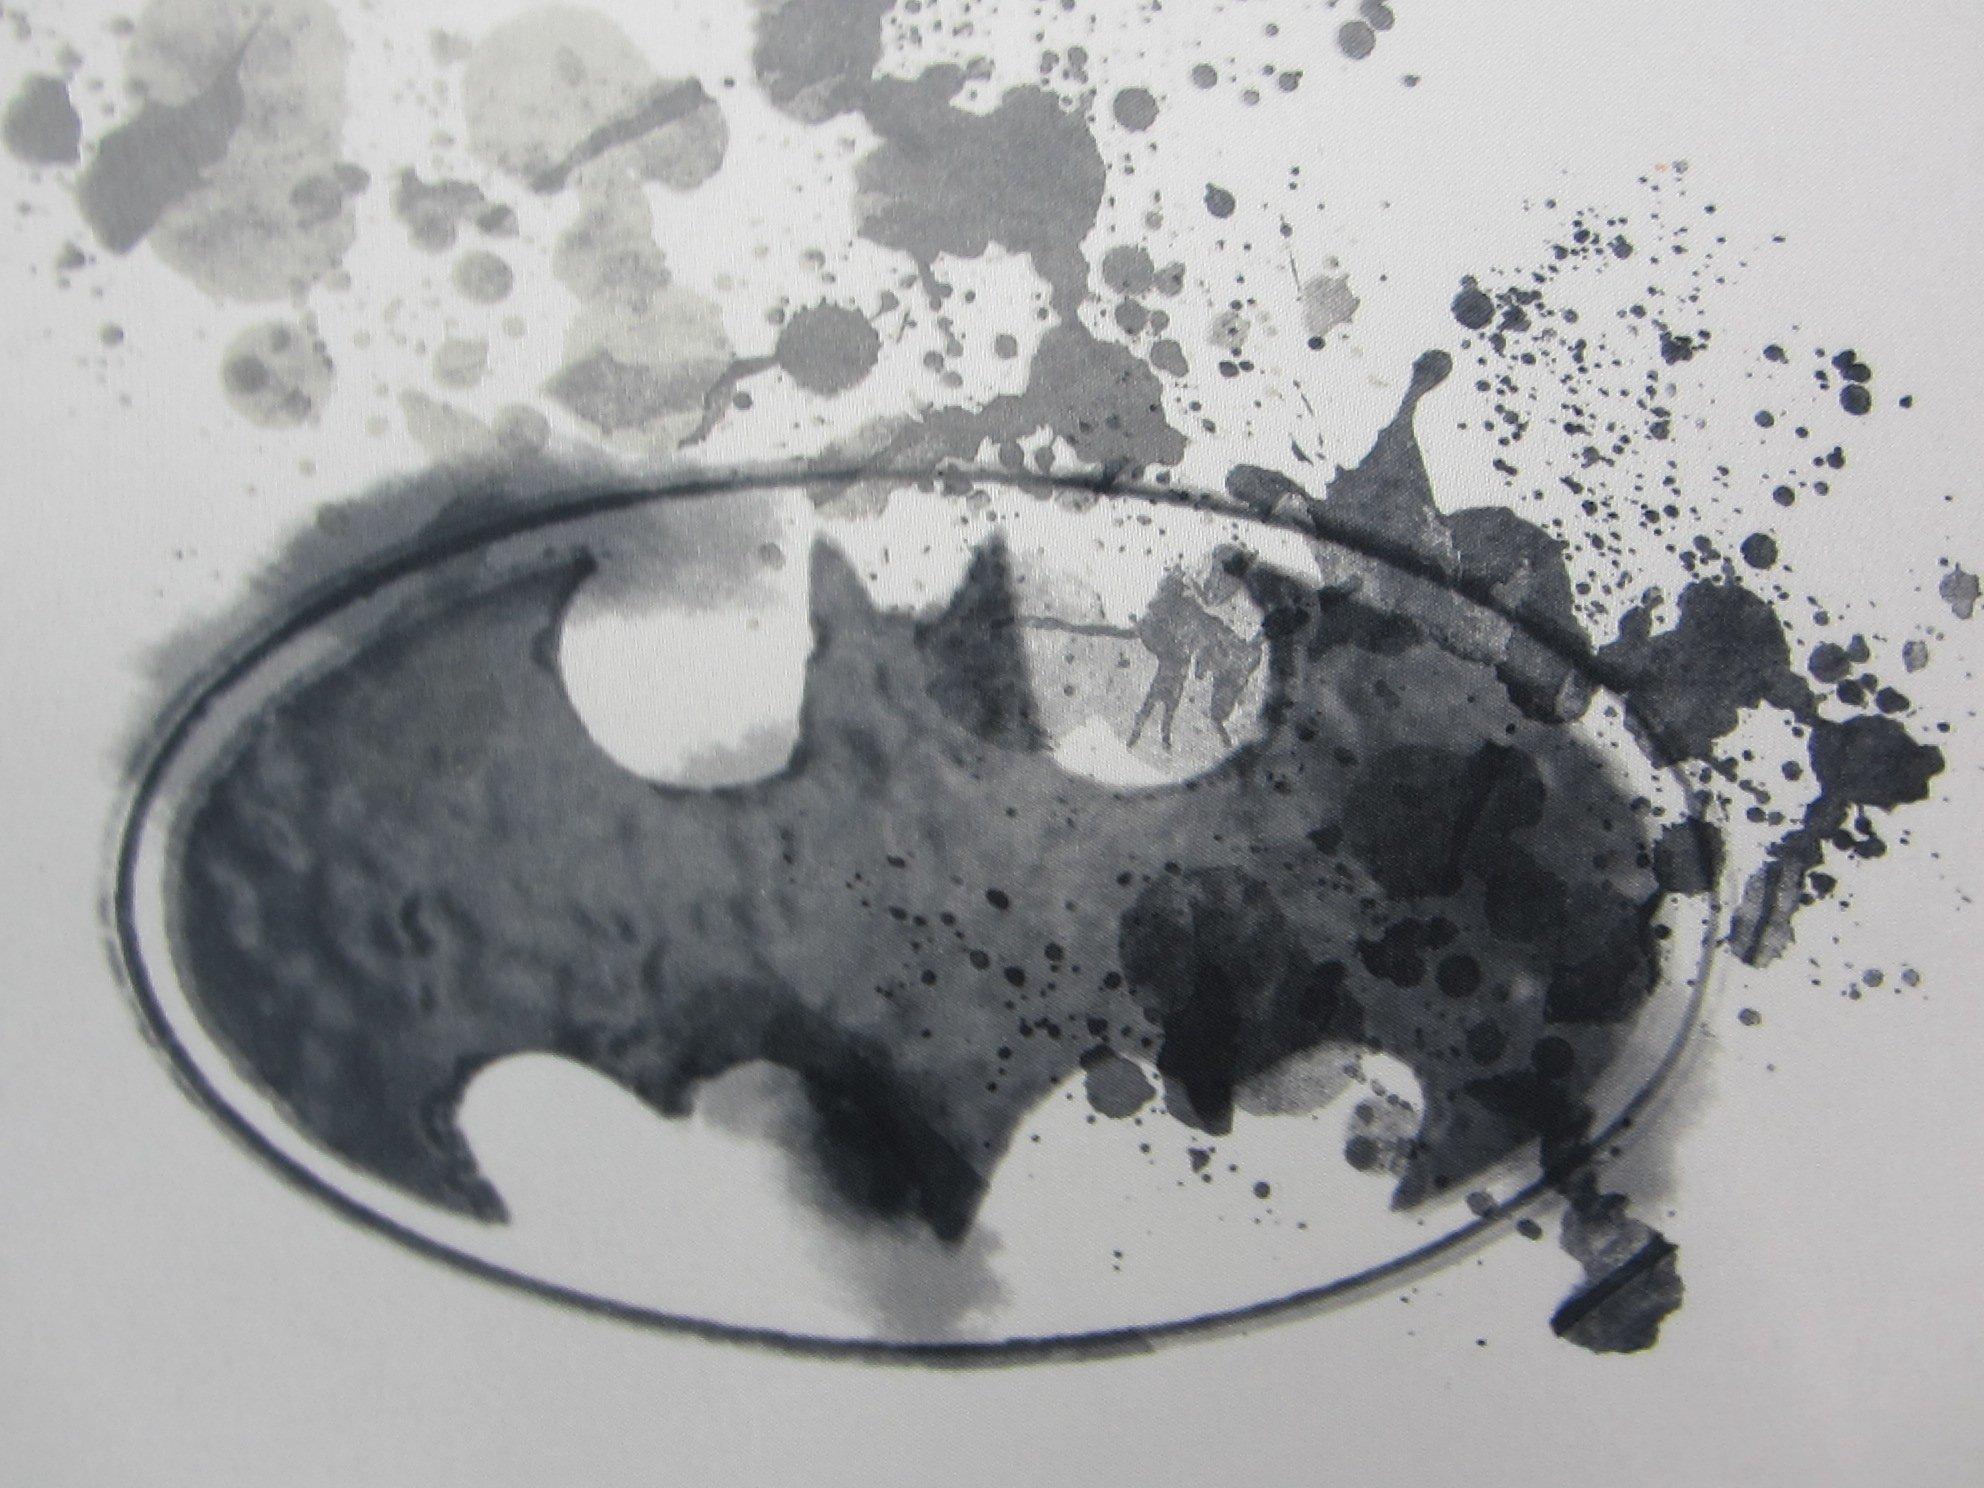 Batman Paint Splatter 100% Polyester (FLAT SHEET ONLY) Size TWIN Boys Girls Kids Bedding